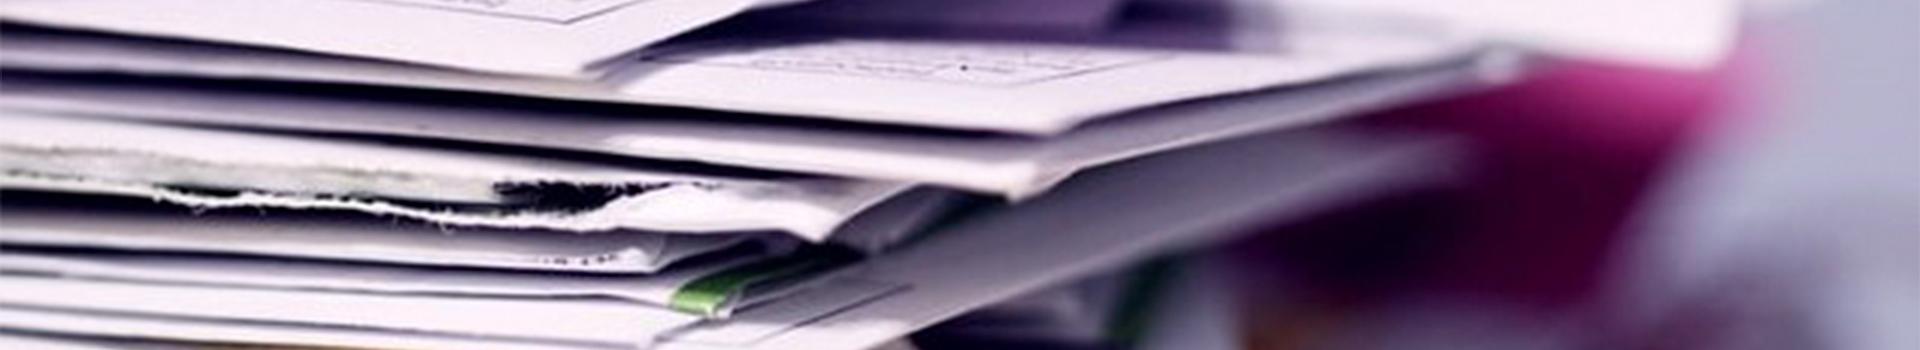 Главная картинка статьи Какое образование нужно документоведу?